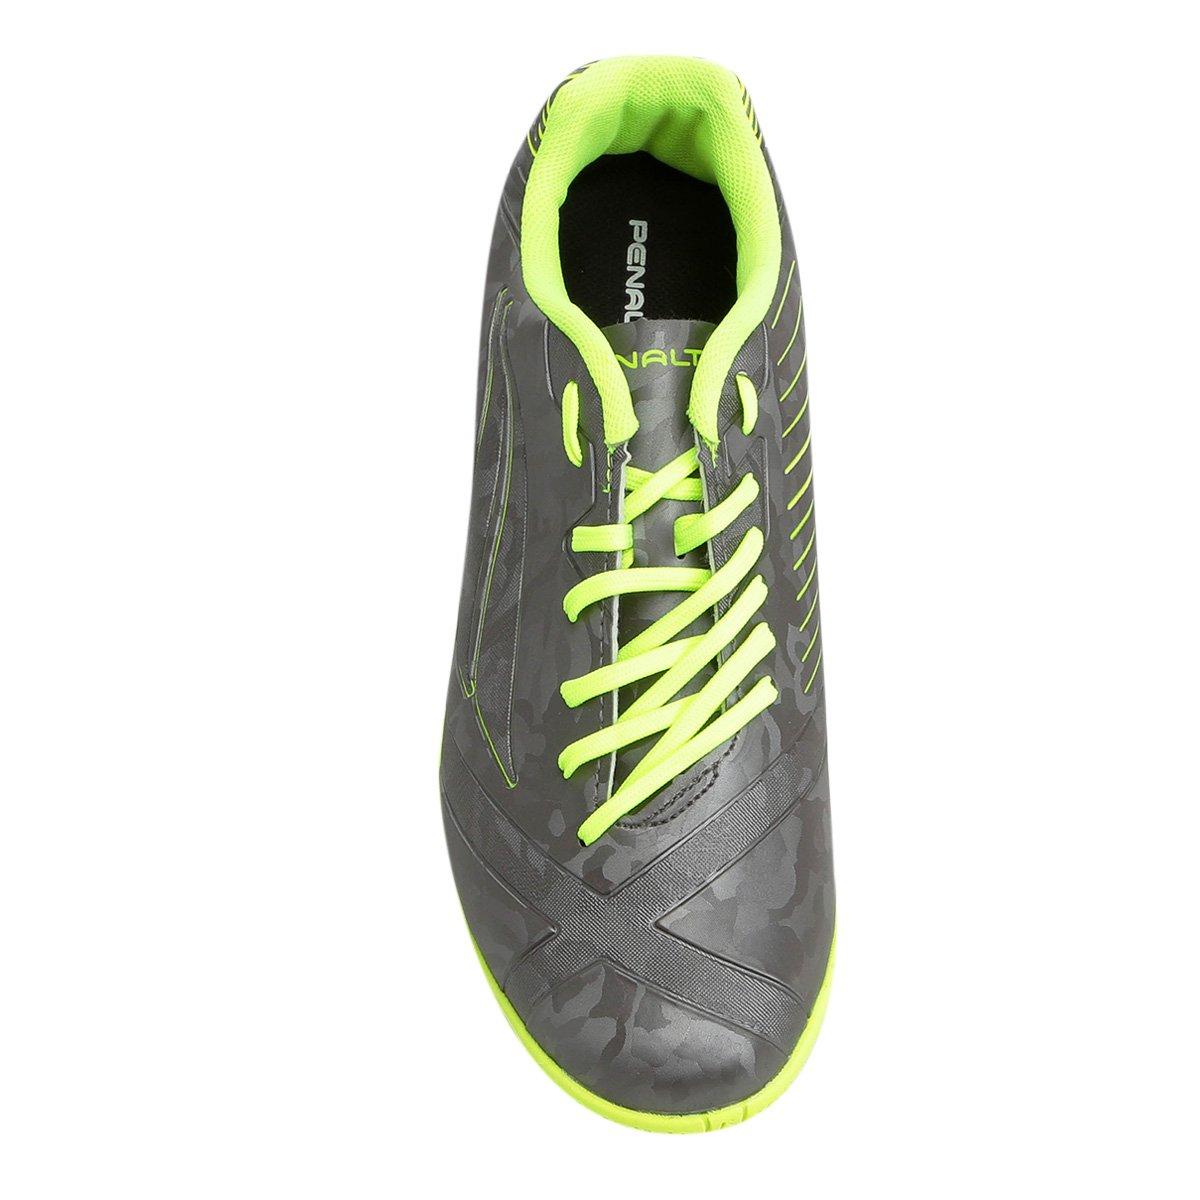 defcfea0ce Chuteira Futsal Penalty Victoria RX VIII - Amarelo - Compre Agora ...